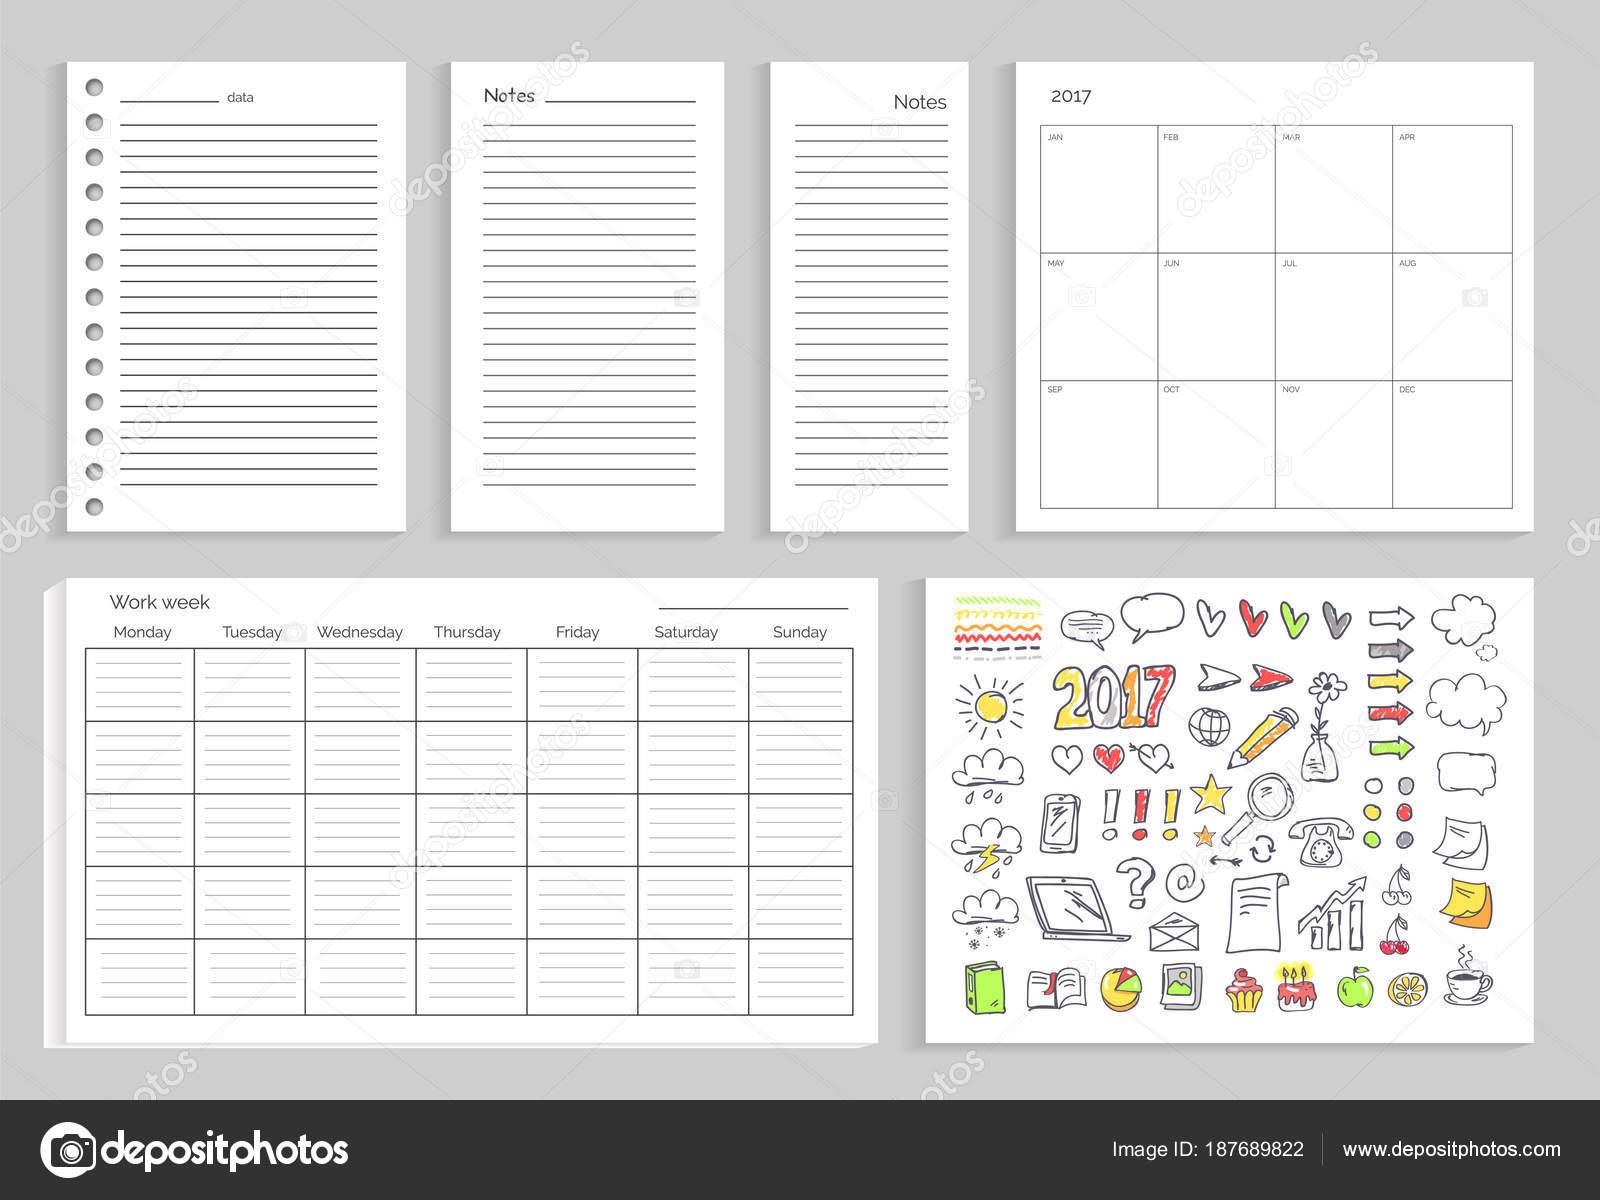 Calendario Diario.Sistema De Calendario Diario Planes Vector Ilustracion